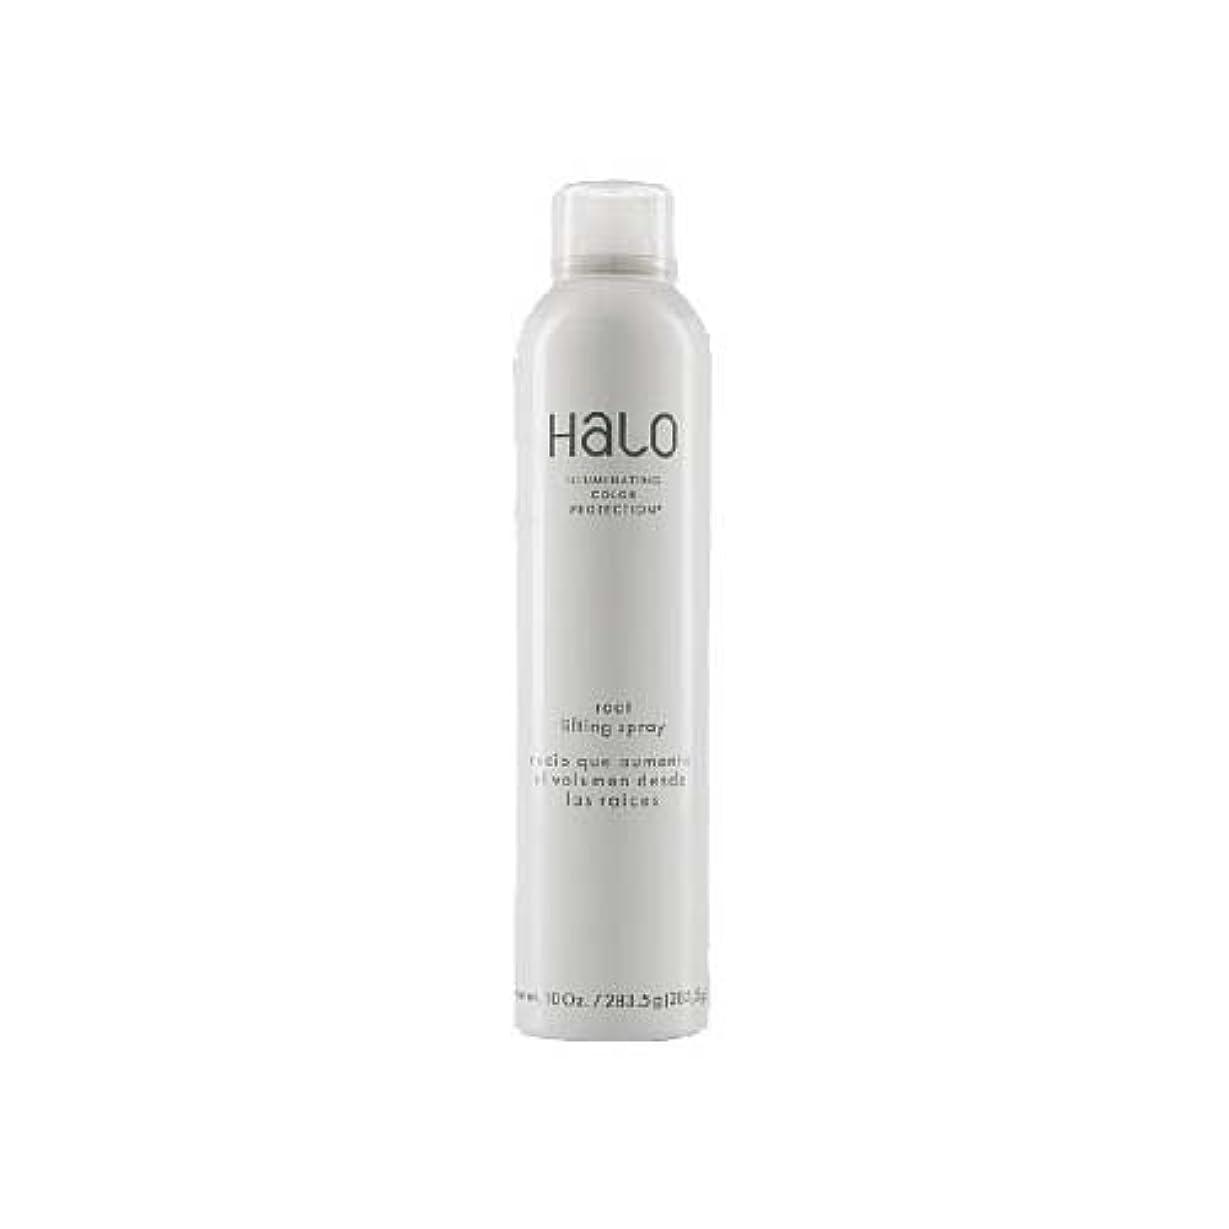 再集計弾丸コンピューターを使用するHalo HALO照明COLOR保護ROOTリフティングスプレー10オンス 10オンス